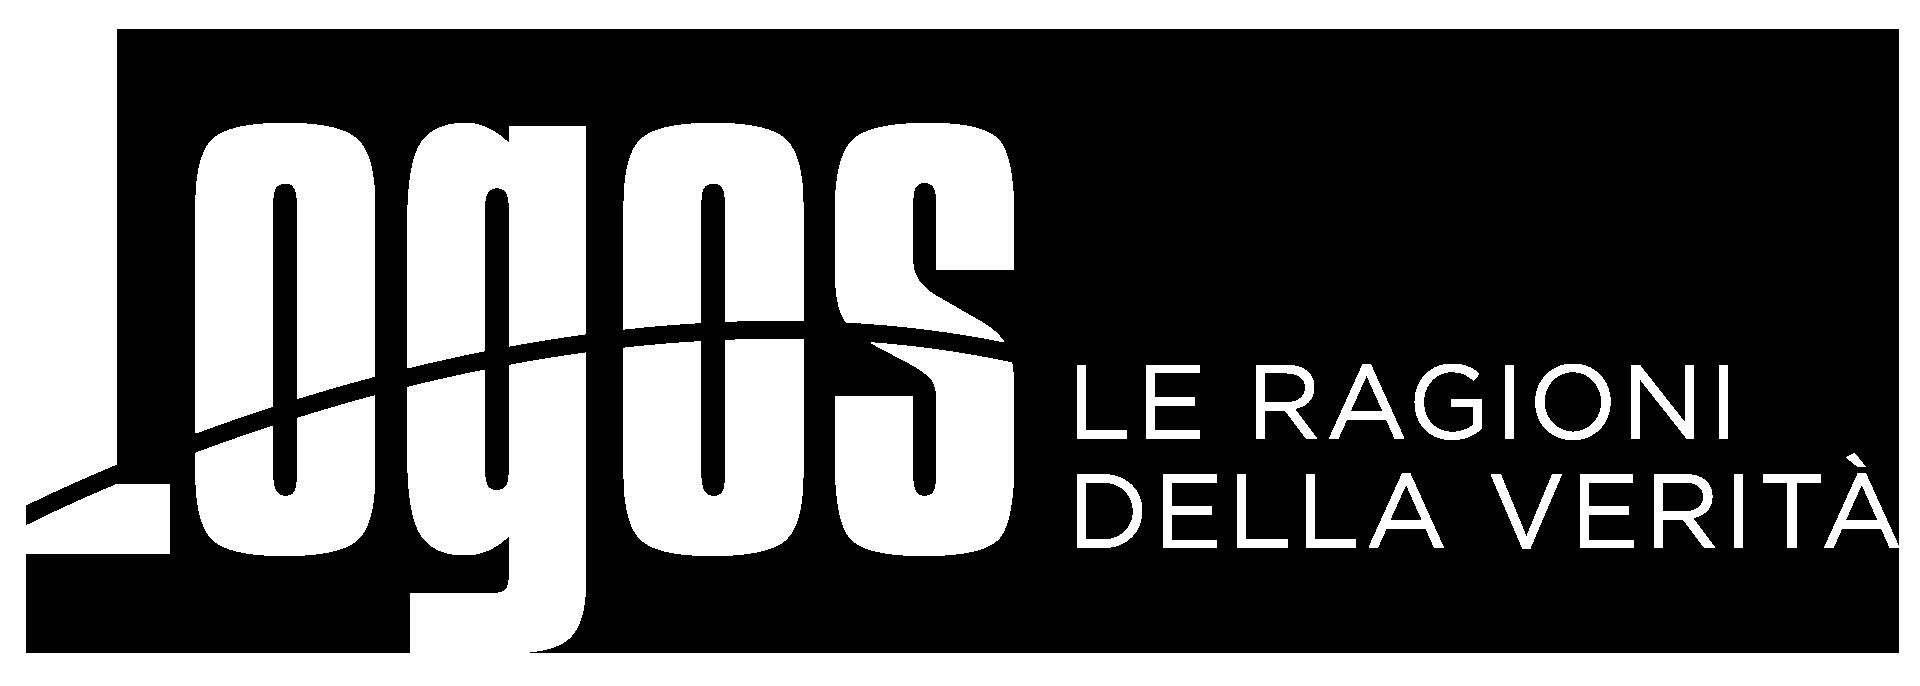 Logos Matera